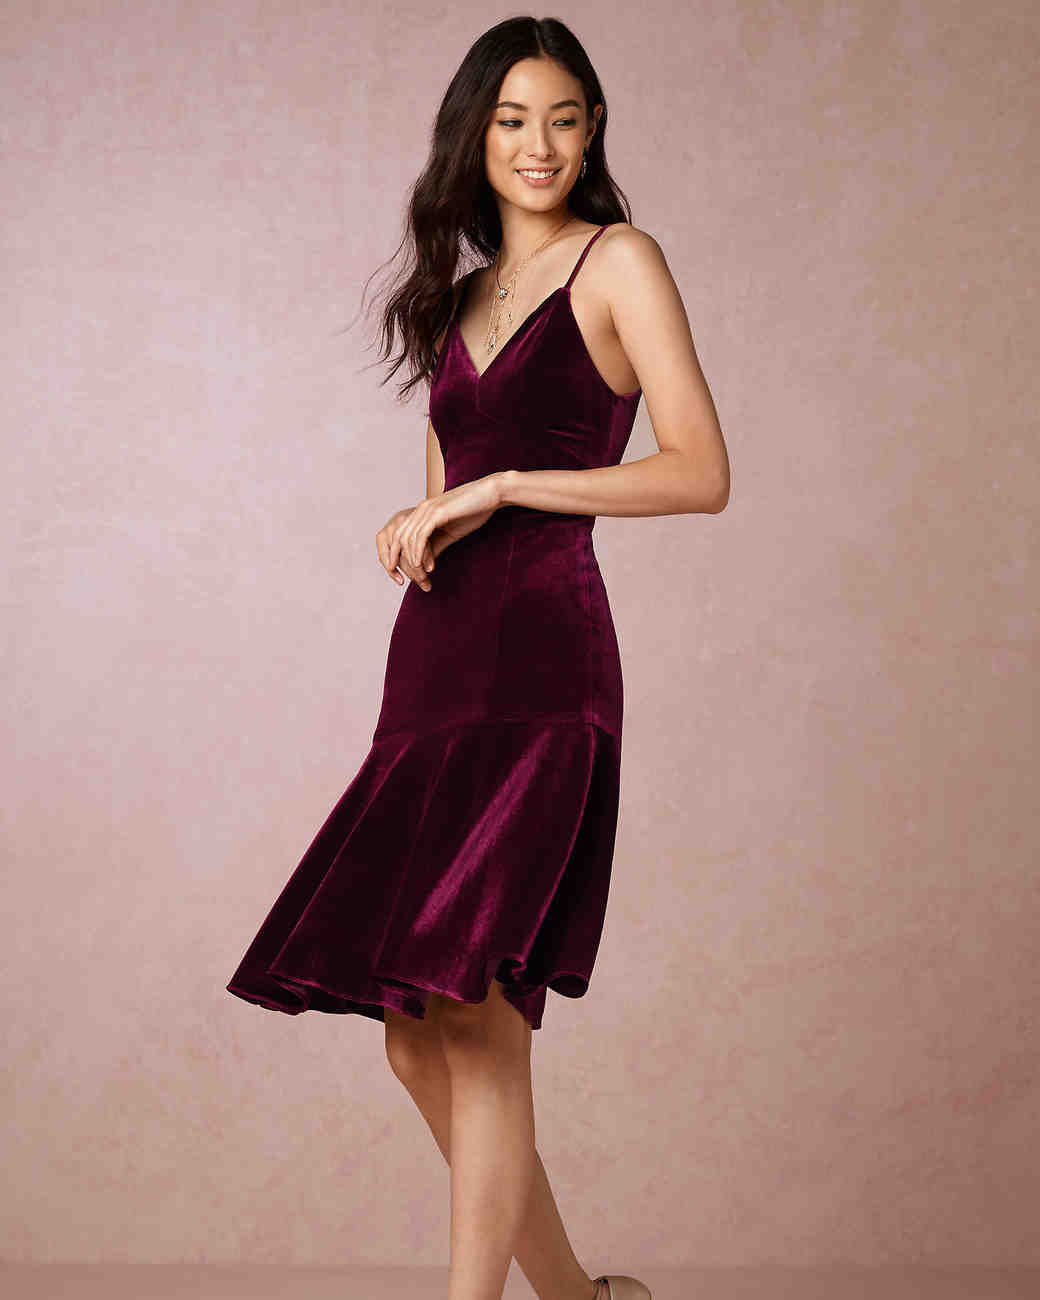 Velvet Dresses for Any Pre-Wedding Party | Martha Stewart Weddings